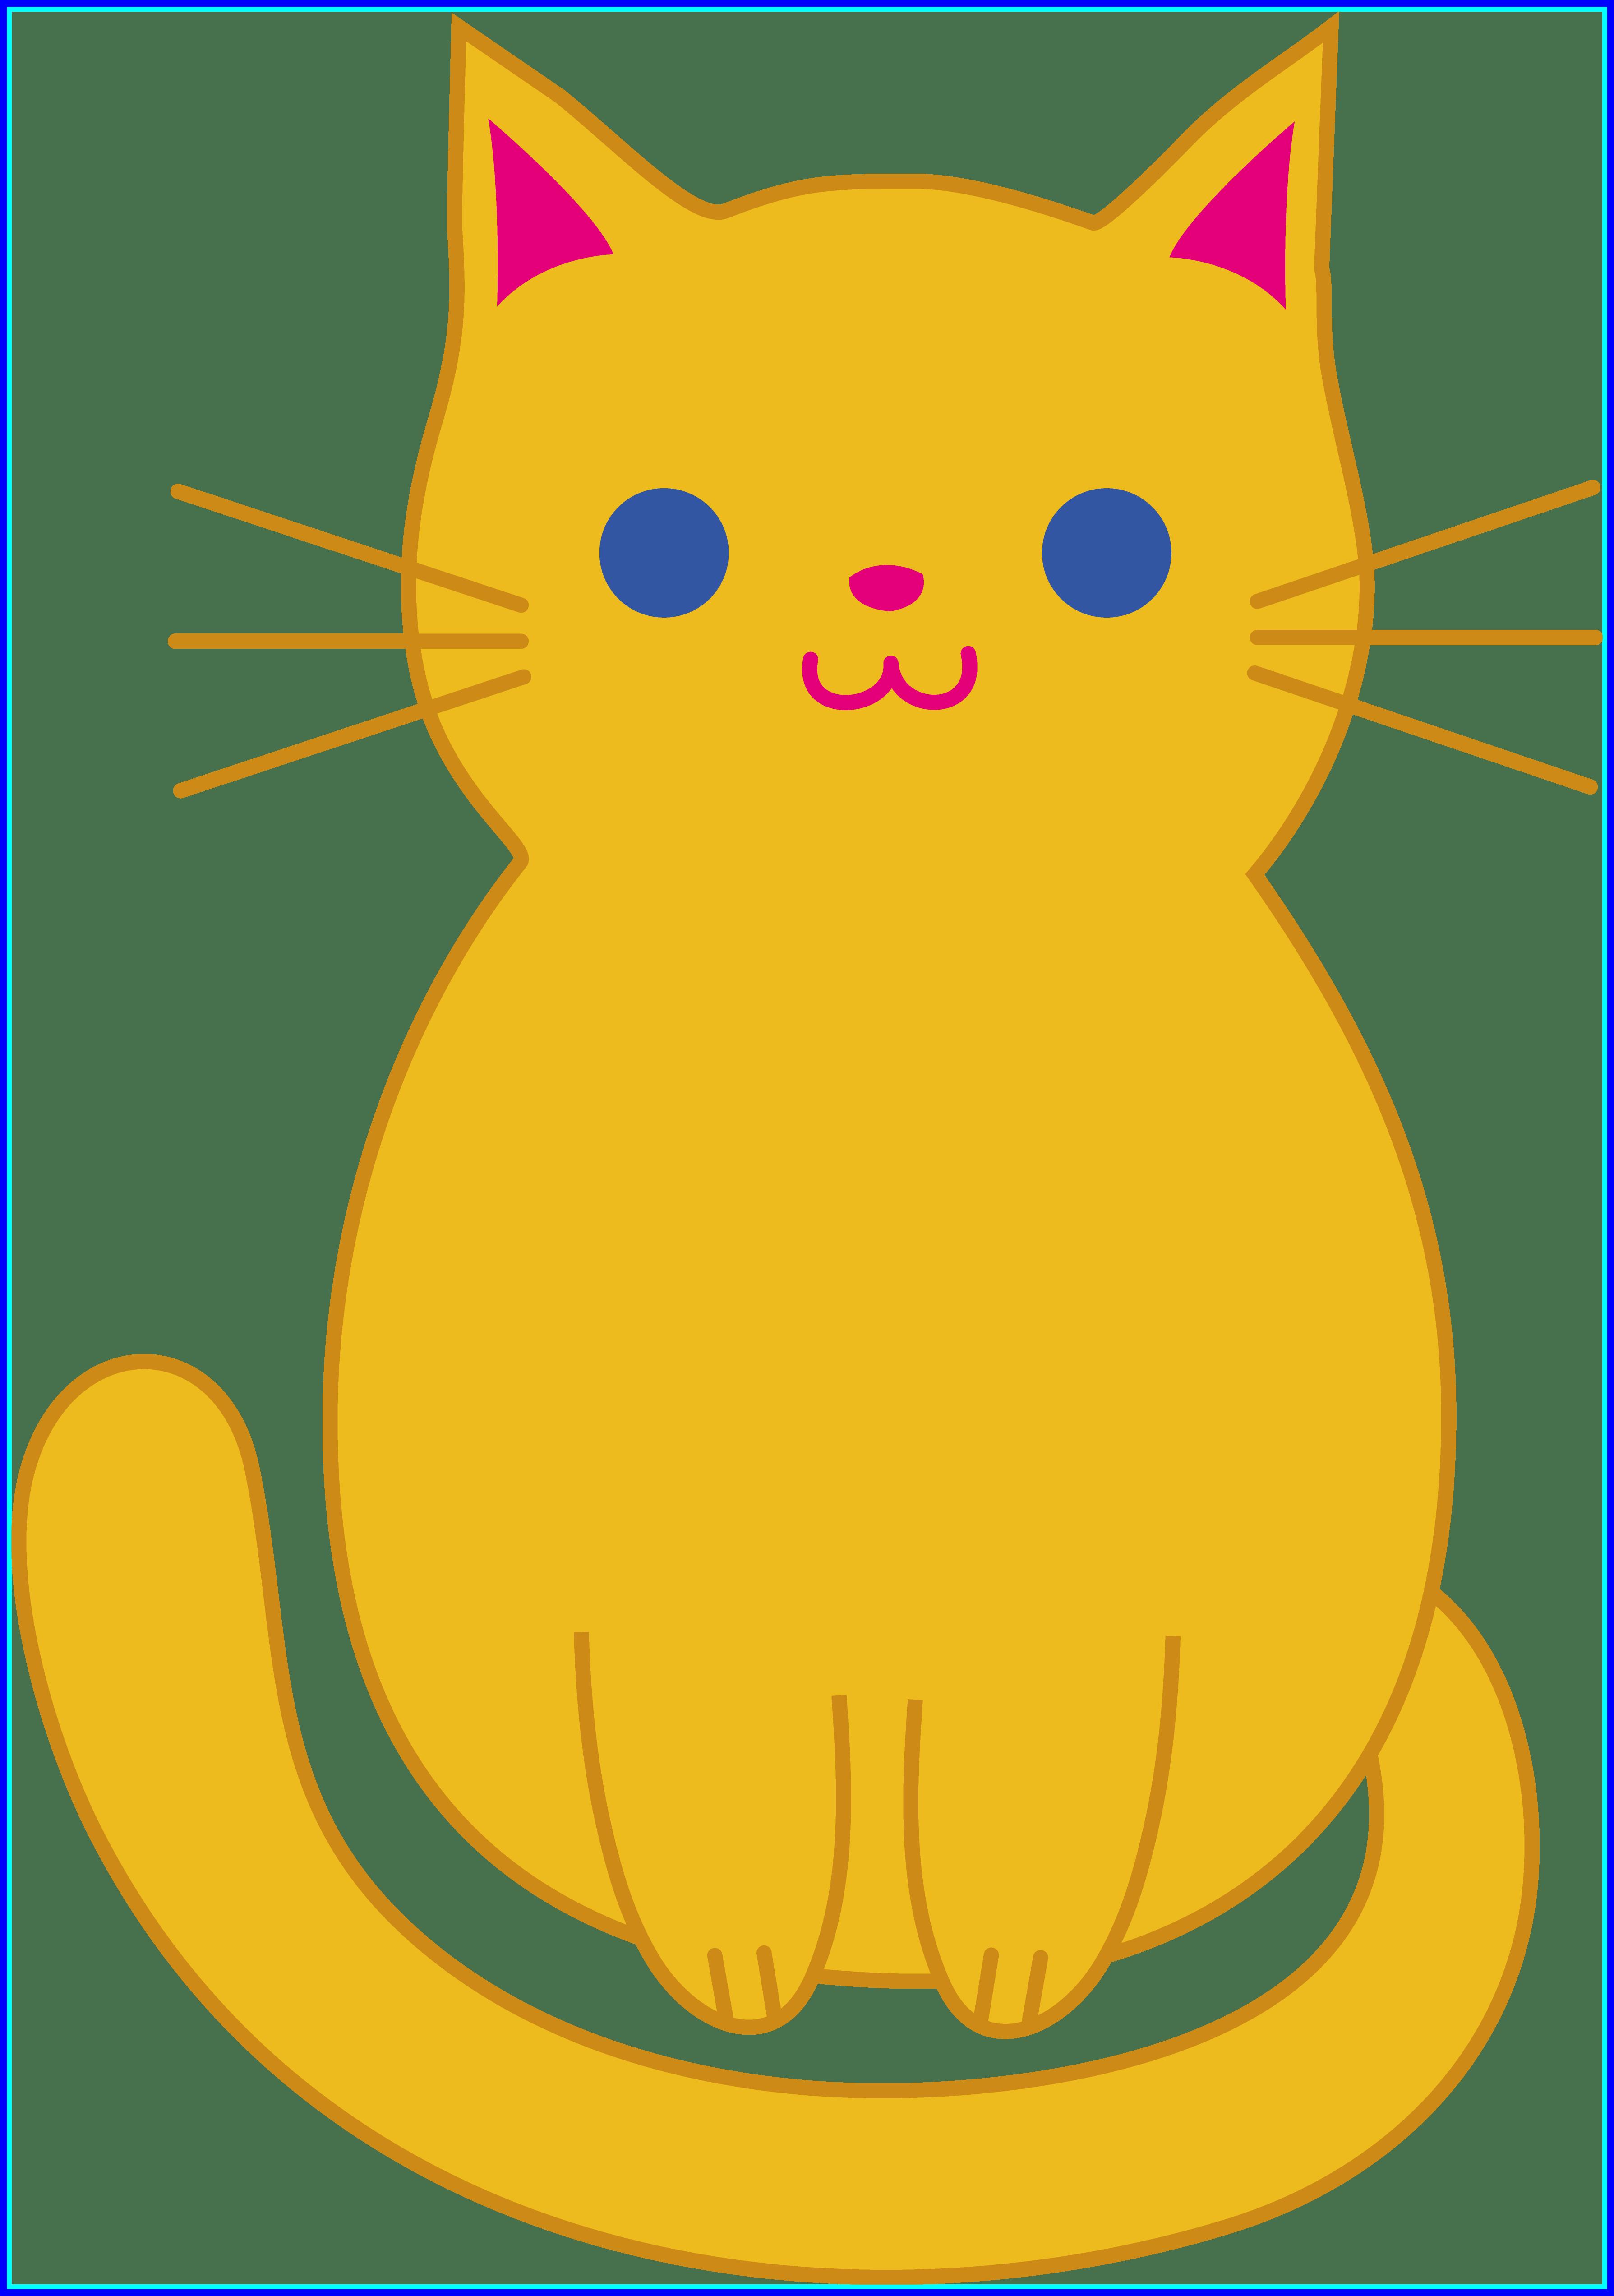 Kittens clipart 7 cat. Easy alternative design best